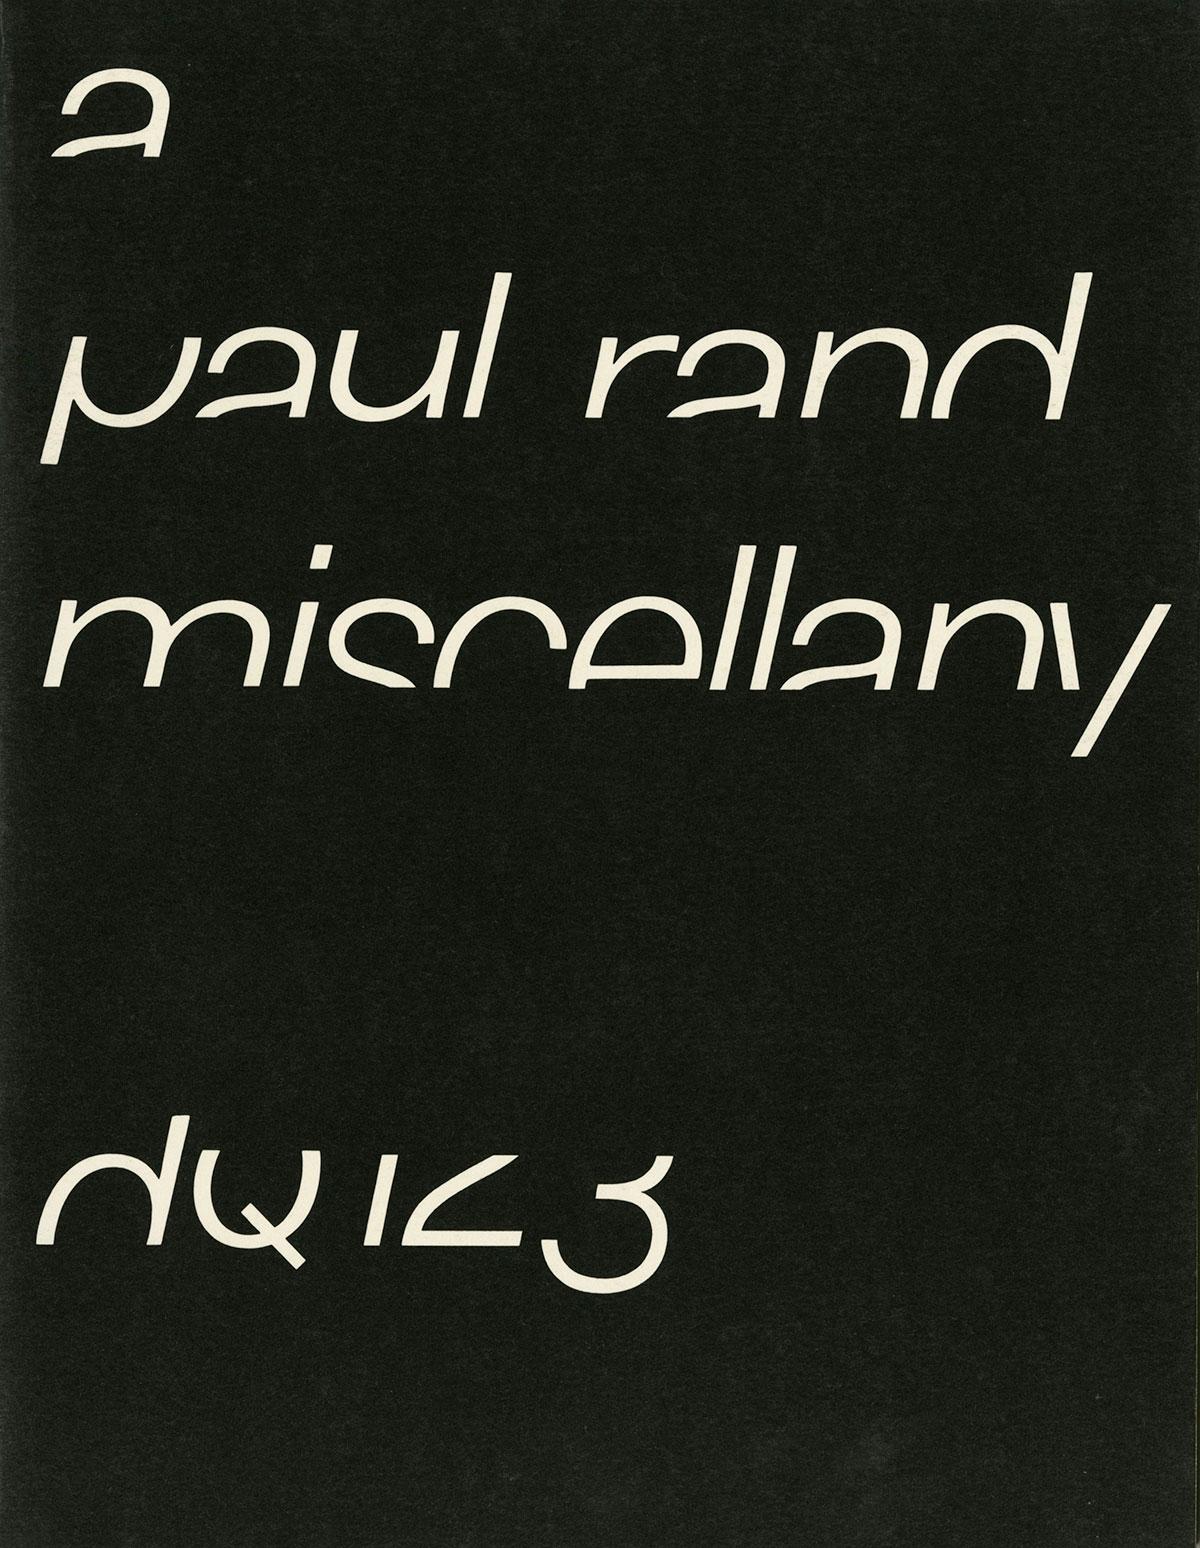 DQ123_PaulRand